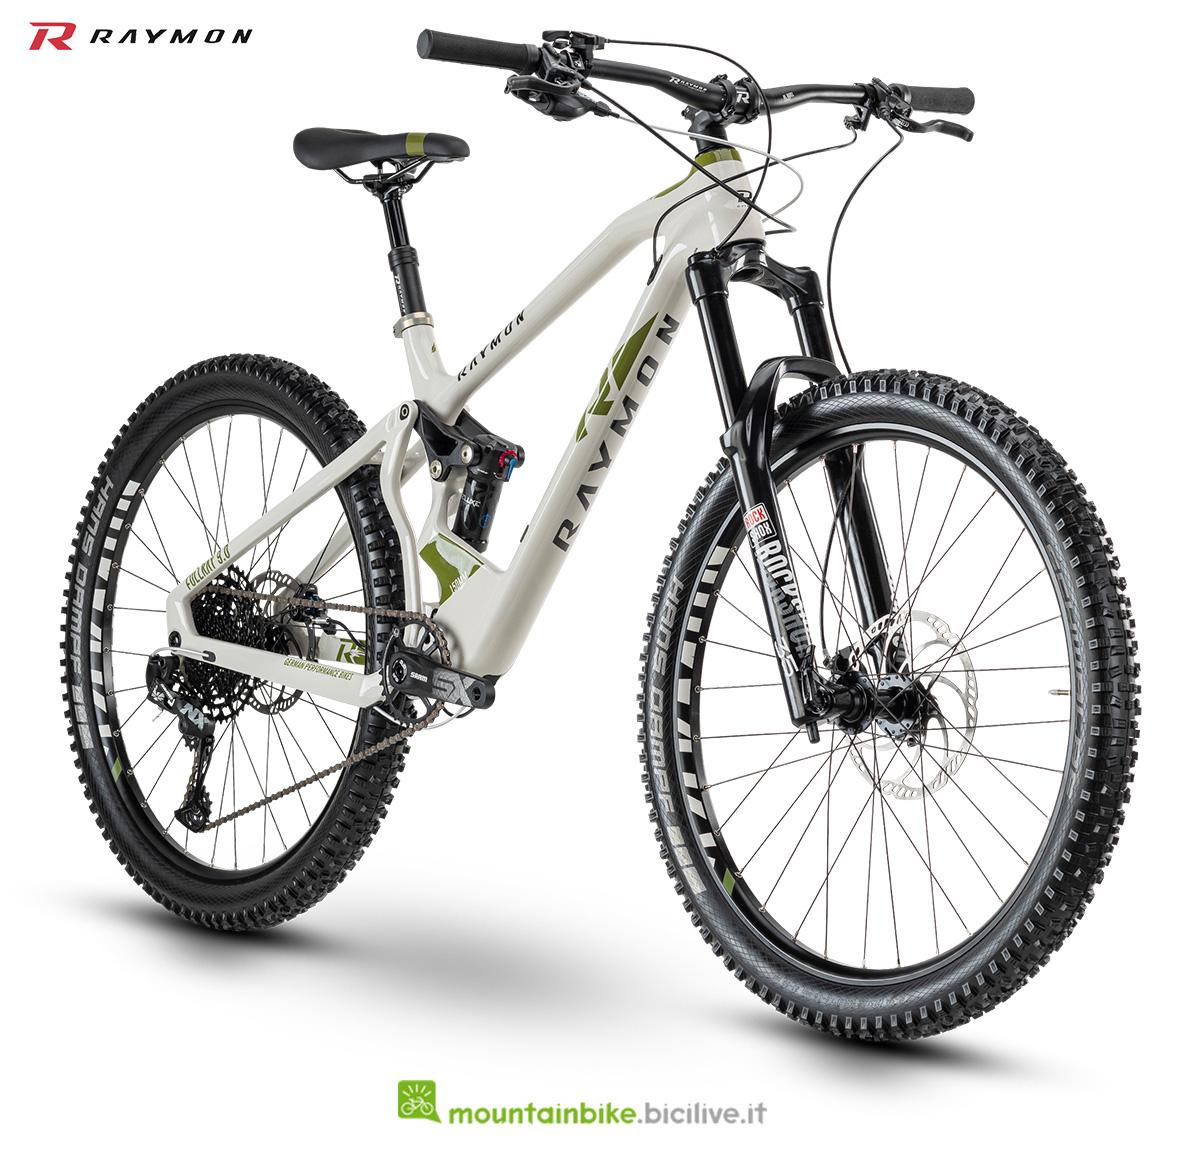 La nuova mountain bike della gamma 2021 R Raymon Fullray 9.0